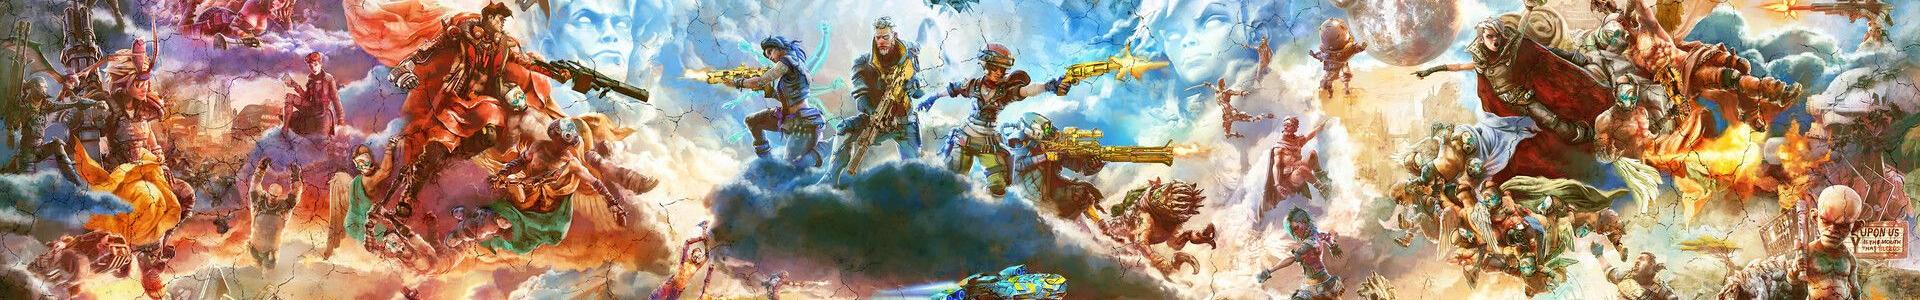 Banner media of Borderlands 3 video game.